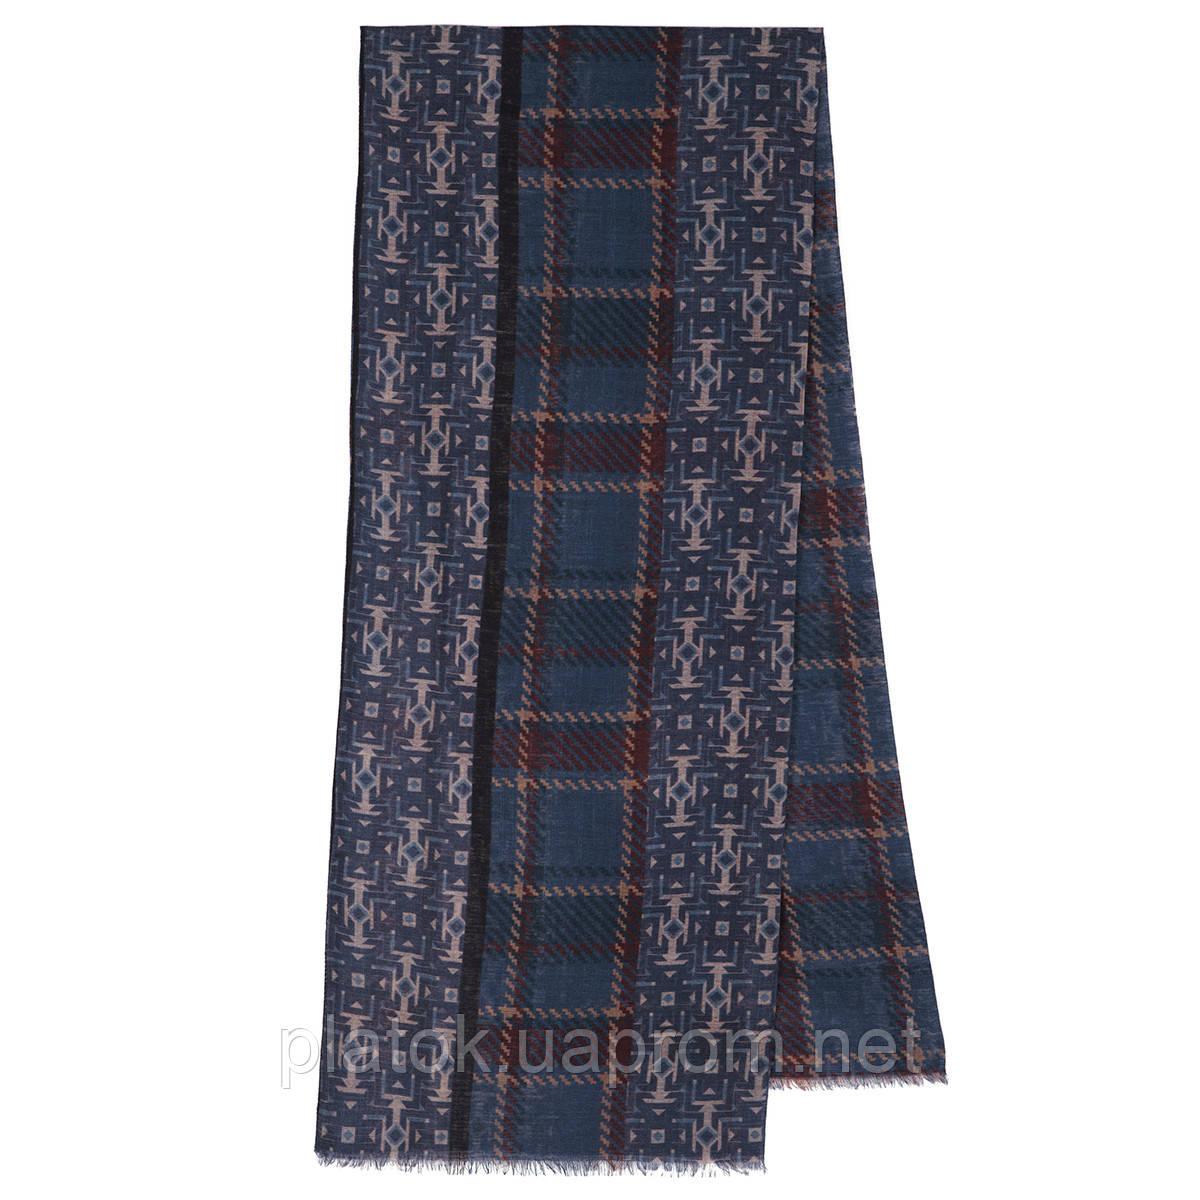 10483-14  кашне мужское, павлопосадский шарф (кашне) шерстяной (разреженная шерсть) с осыпкой